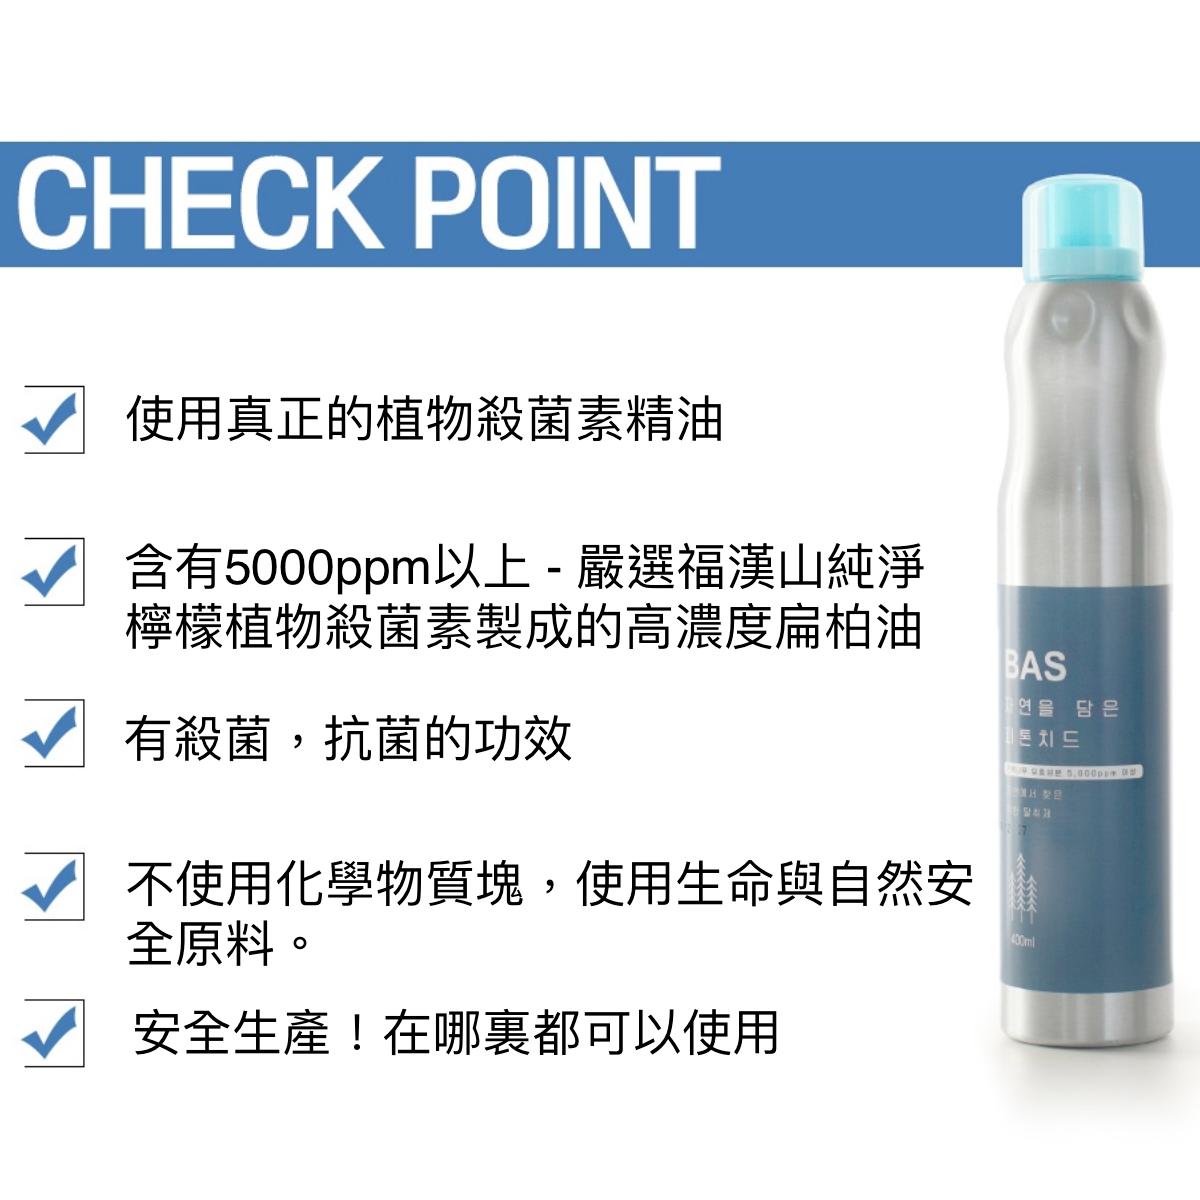 ShiPAPA|BAS|植物殺菌素除臭劑 400ml|韓國直送|香港 澳門